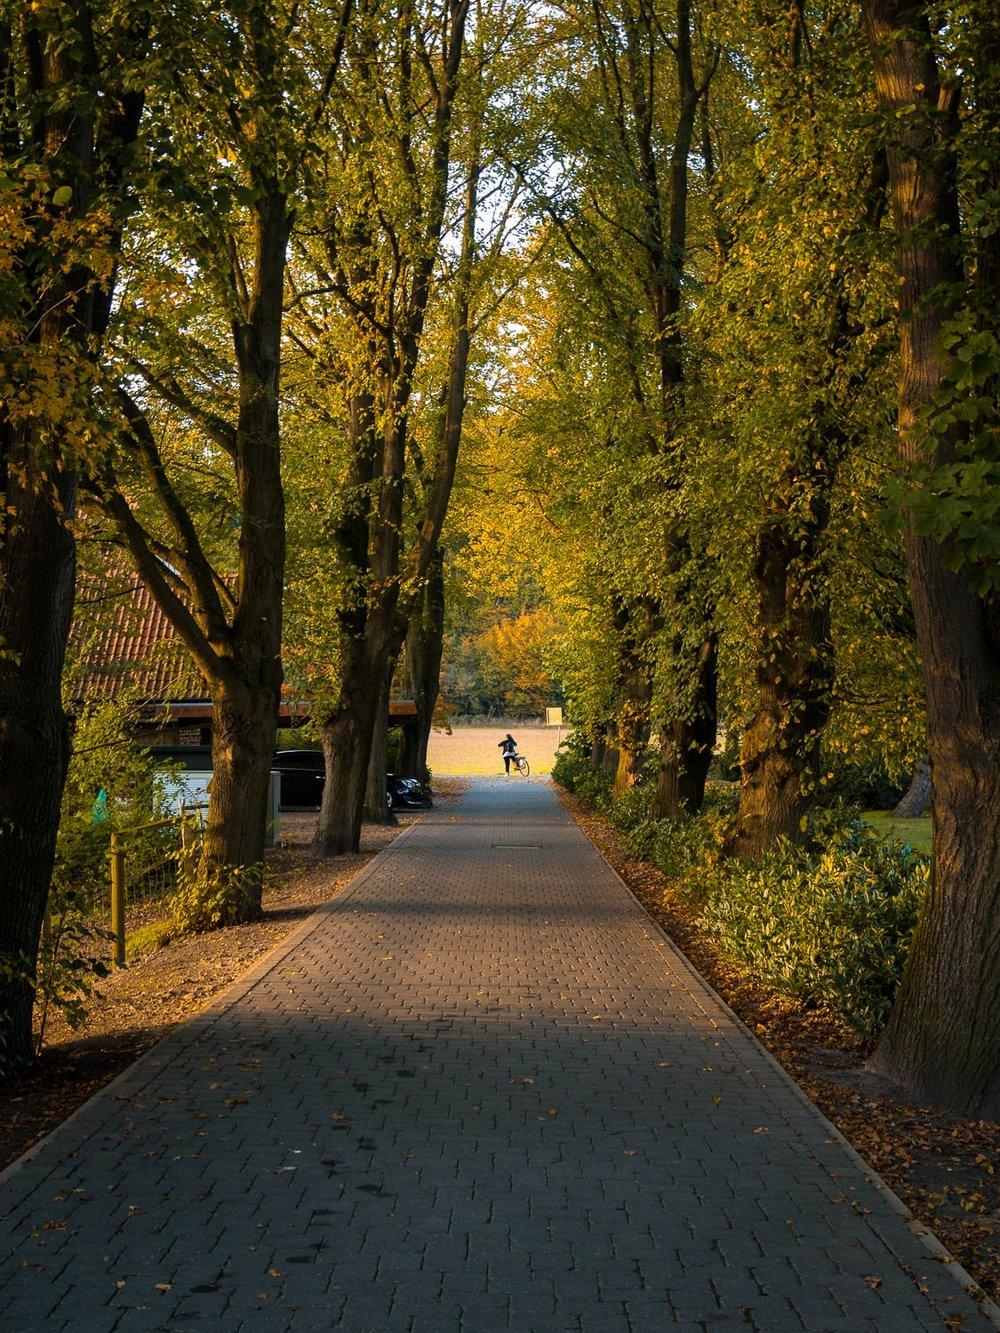 Herbstgold - Autumn Trees Leaves Bäume Blätter Herbst Gold Licht - 1752.jpg